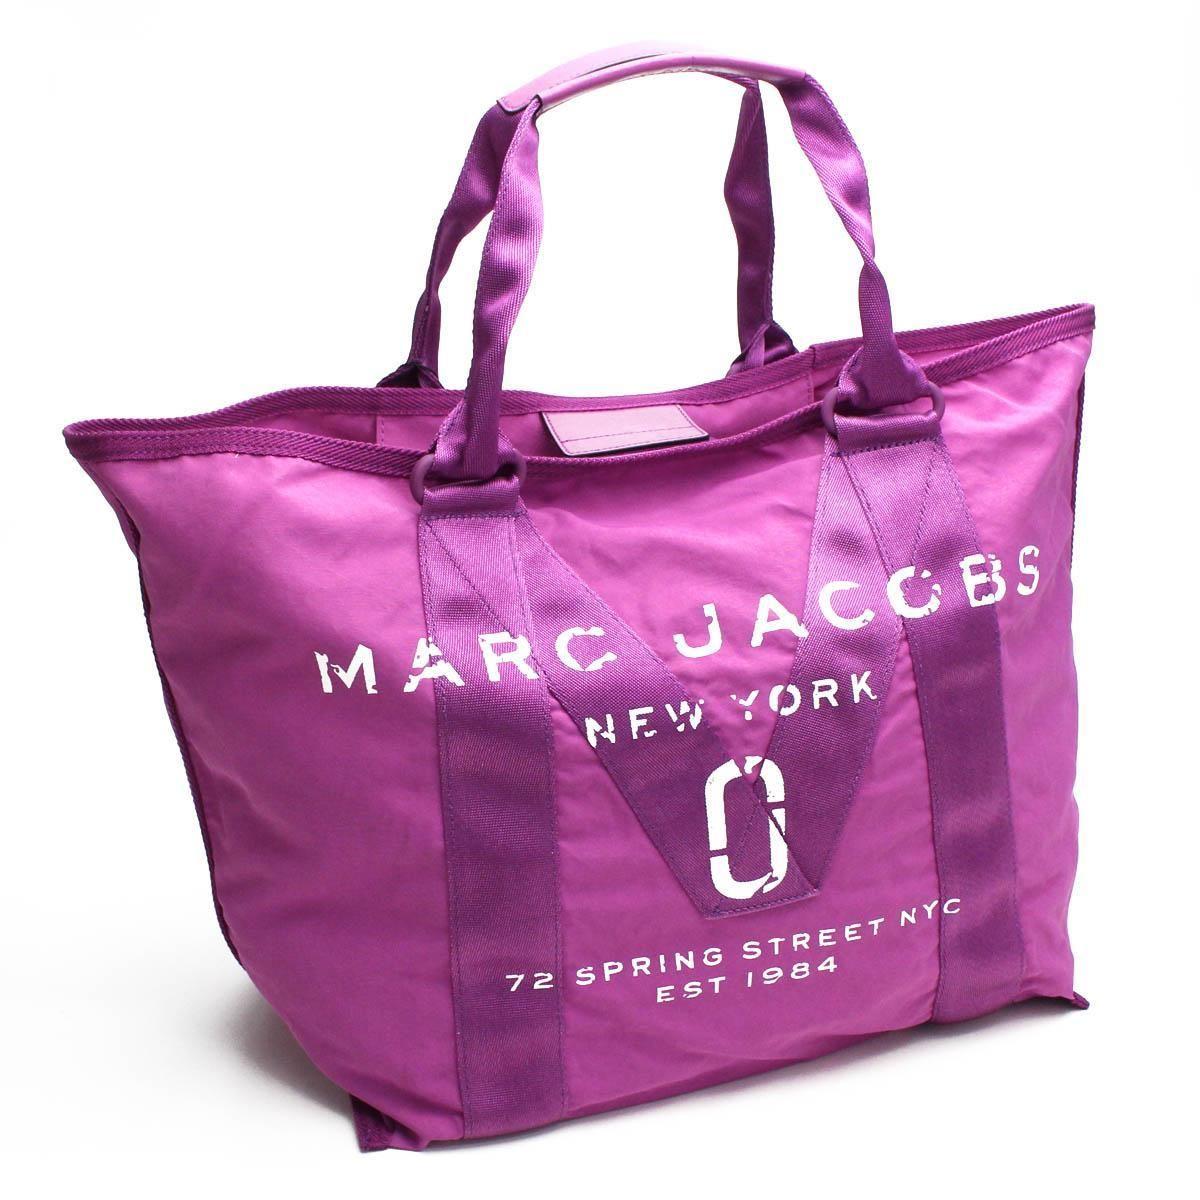 マーク・ジェイコブス (MARC JACOBS) new logo ニューロゴ トート トートバッグ M0011223 533 LILAC パープル系